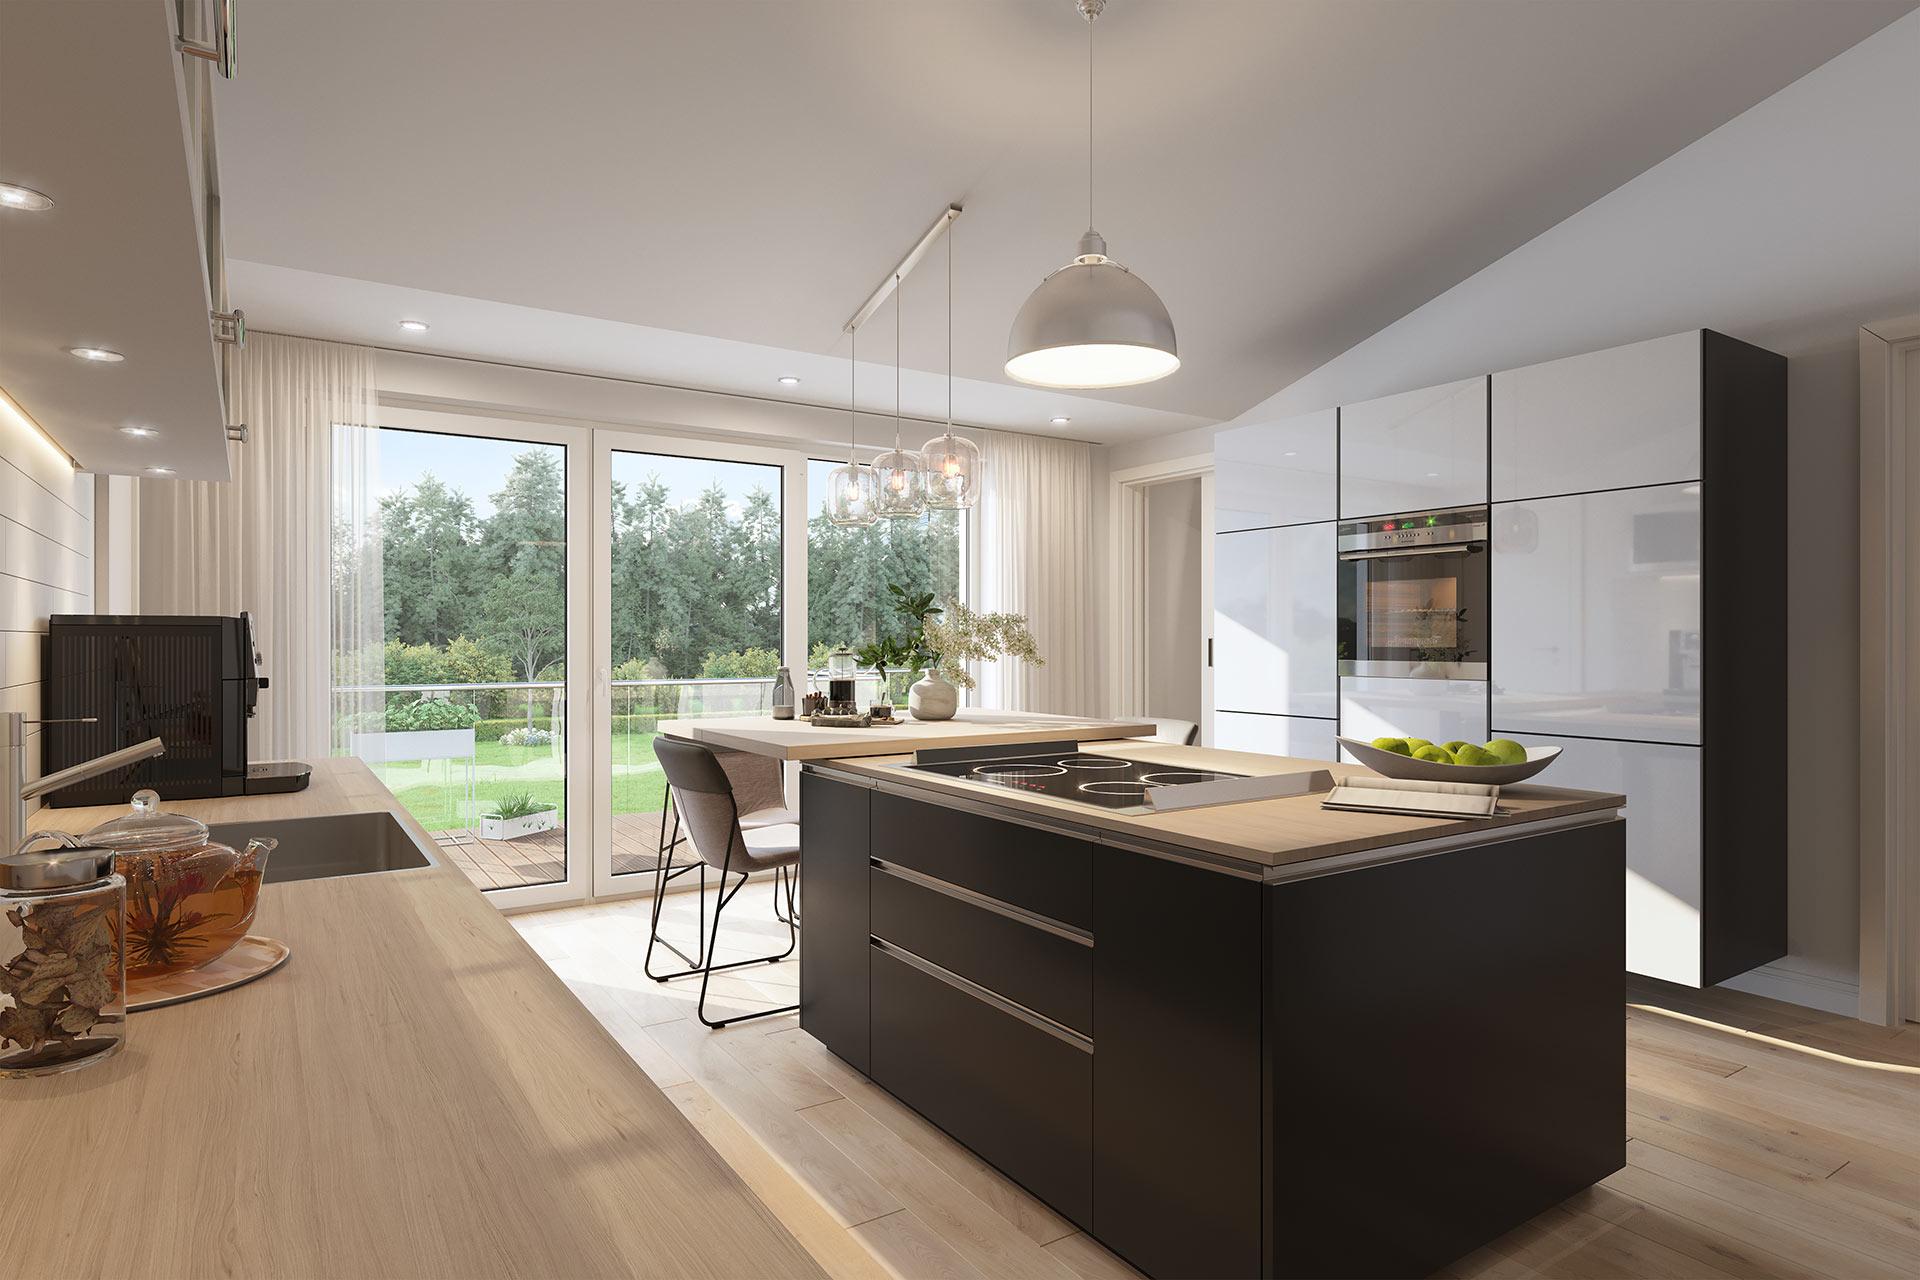 Modernes Visualisierung Küche Architekturvisualisierung